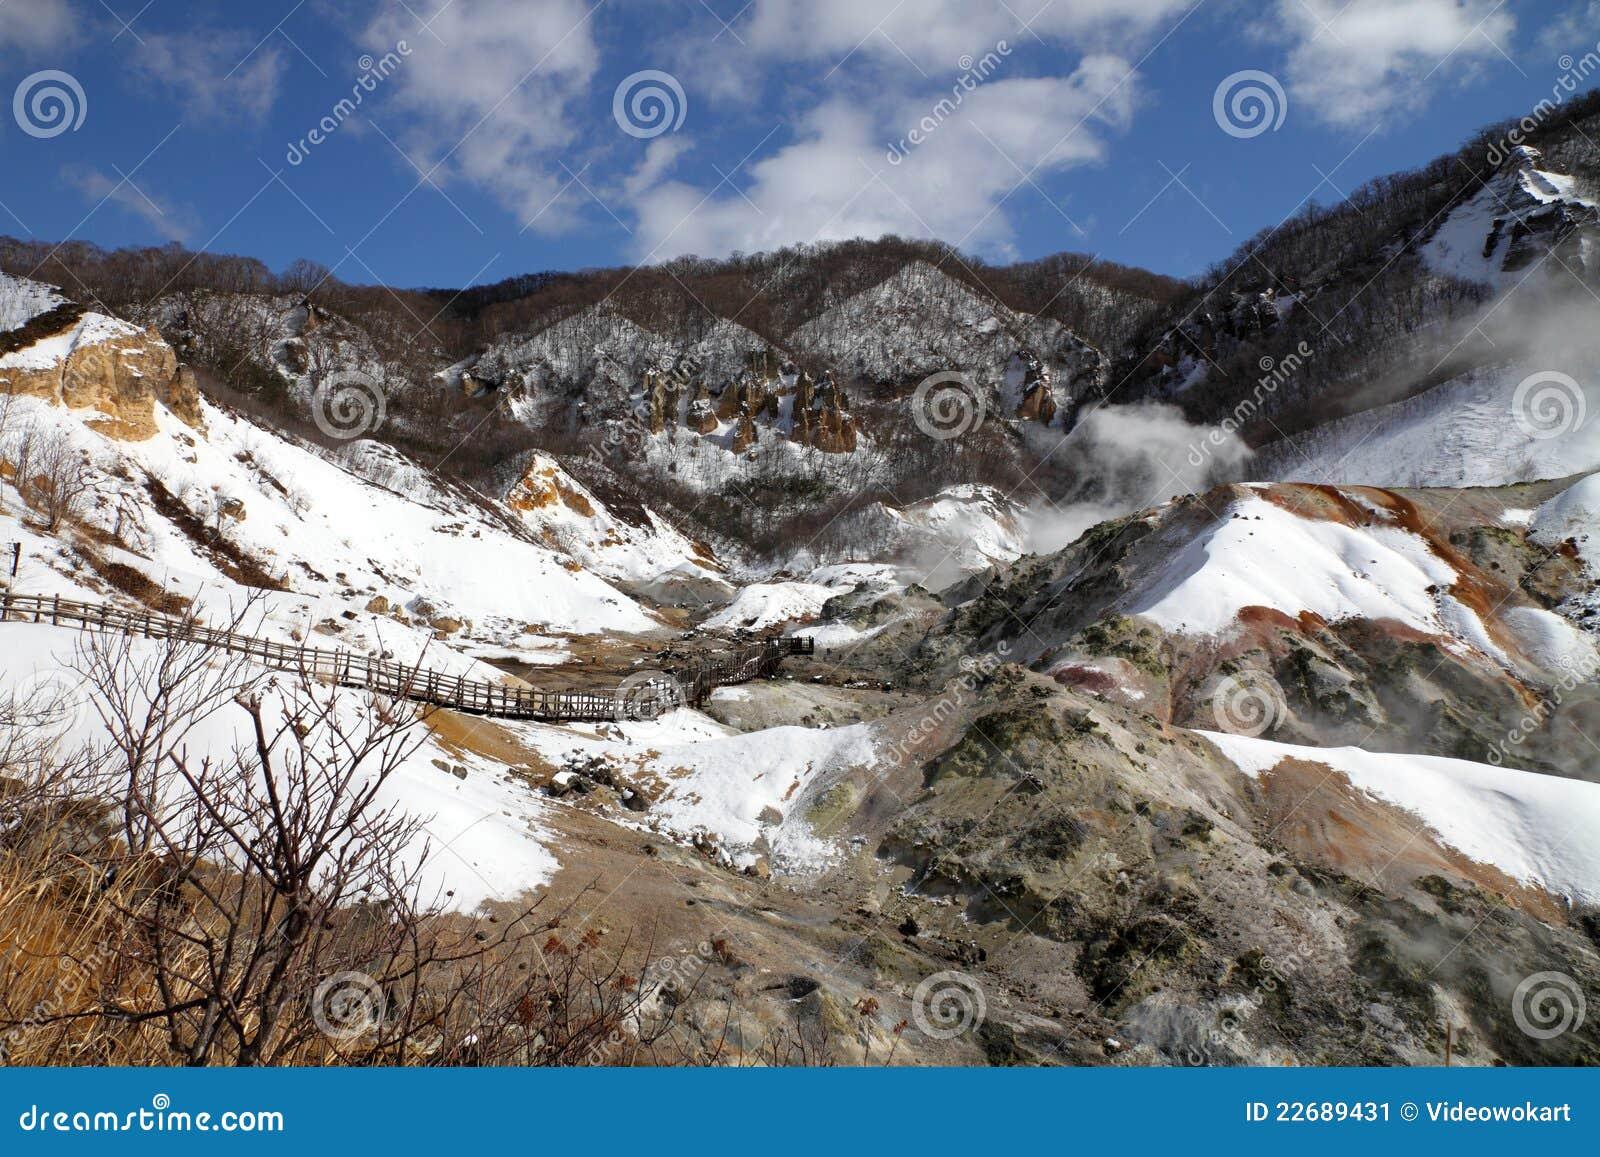 Noboribetsu Japan  city photos gallery : Noboribetsu Hot Springs, Hokkaido, Japan Stock Image Image: 22689431